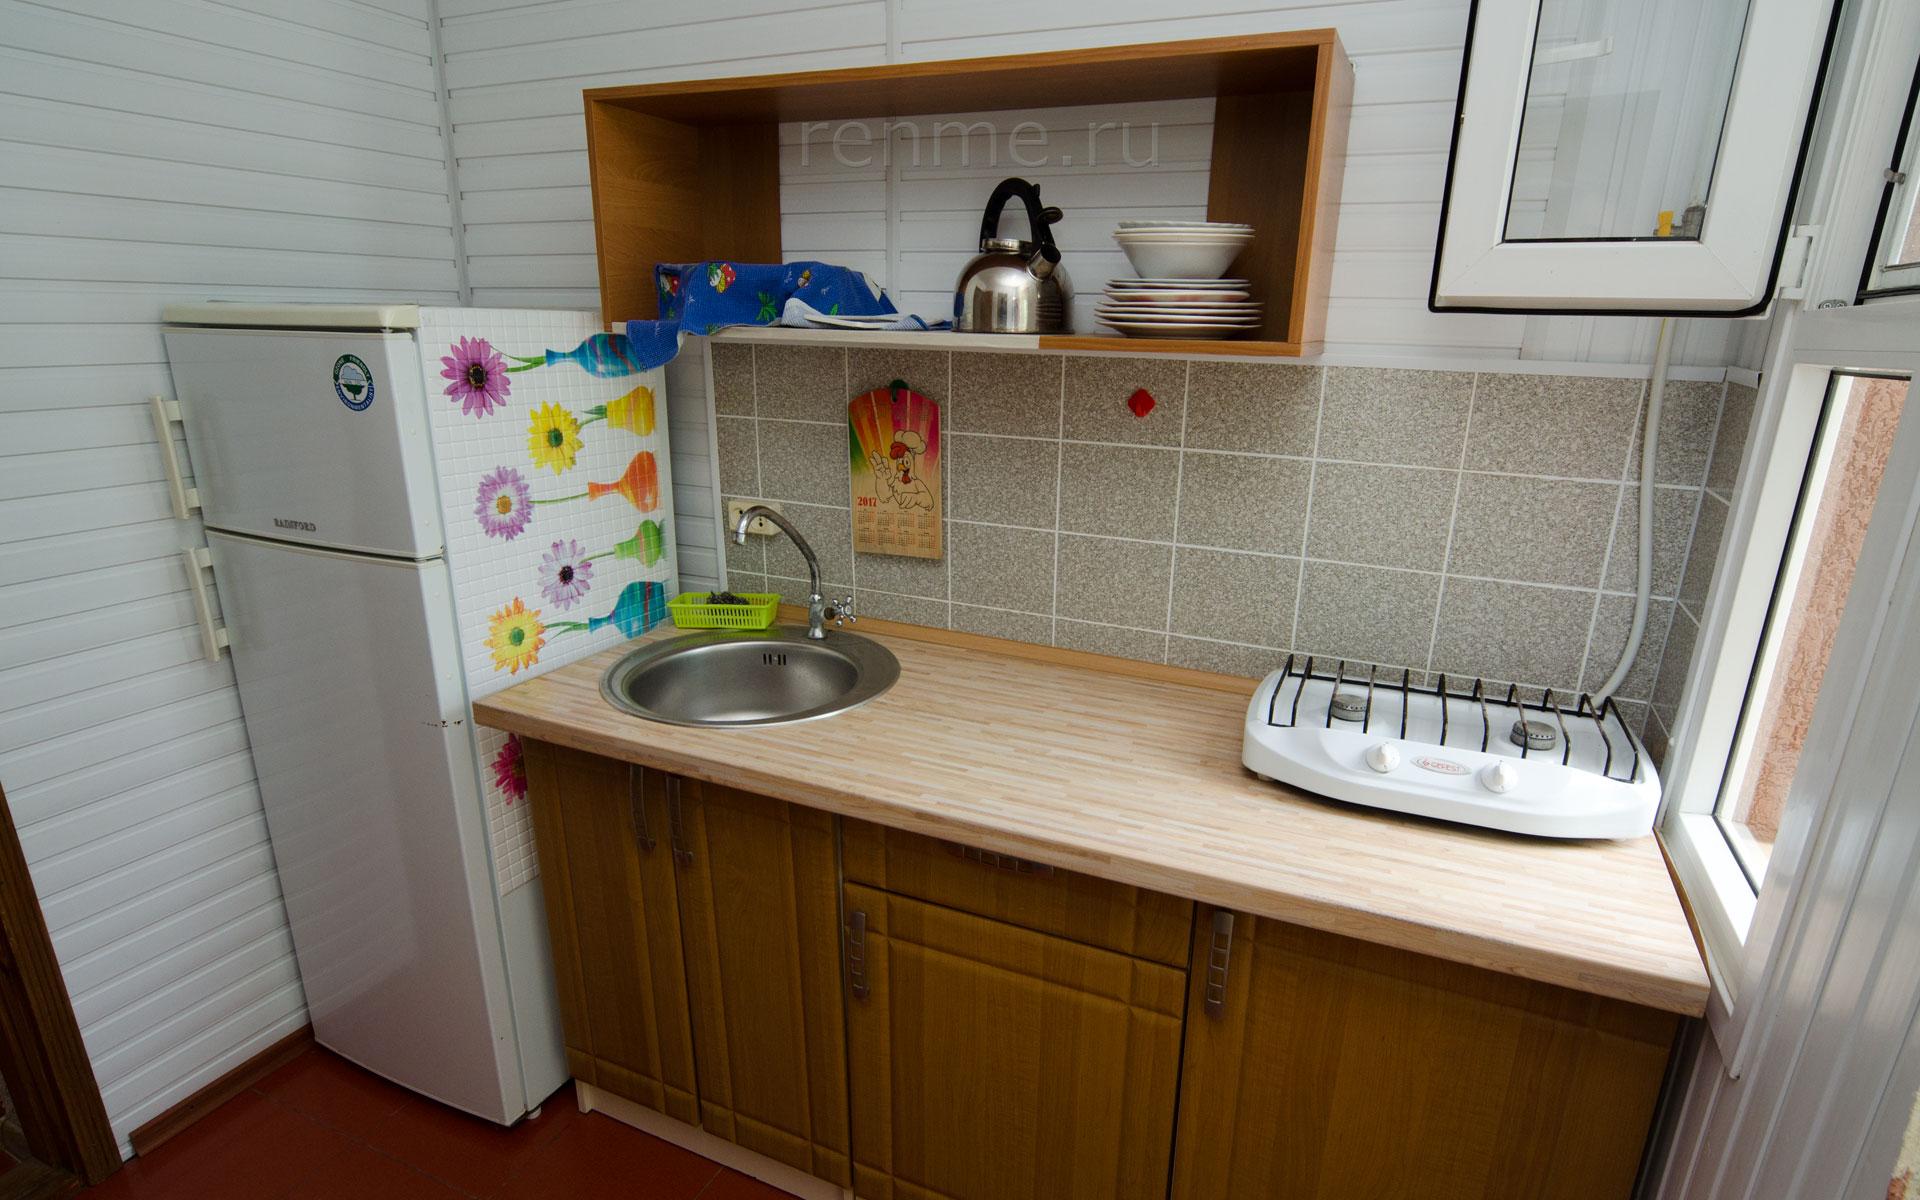 Кухня. Ландыши. Апарт-отель на 8 квартир. Заозёрное